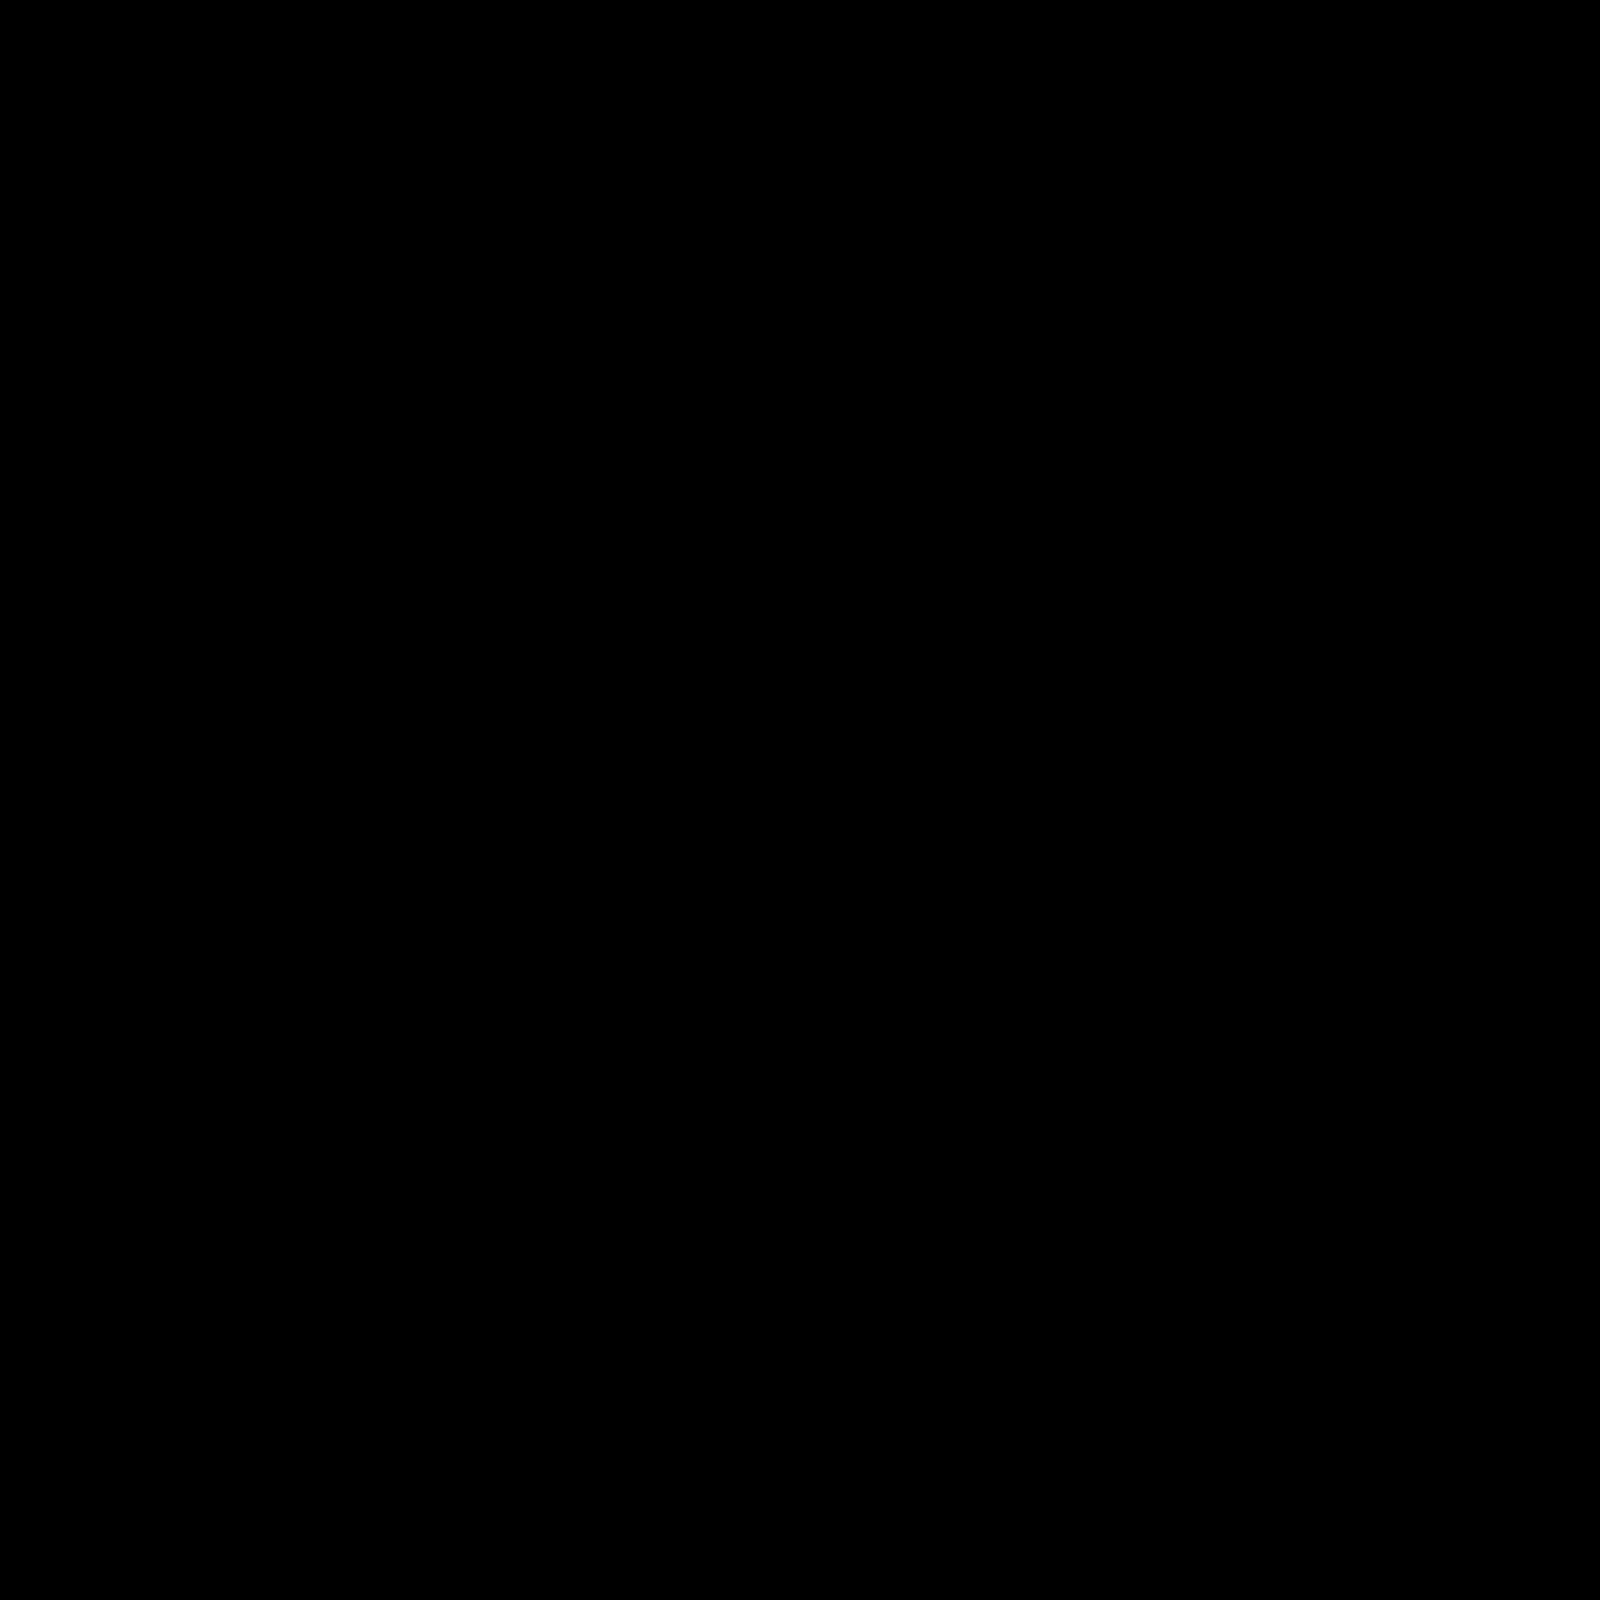 Бесполый icon